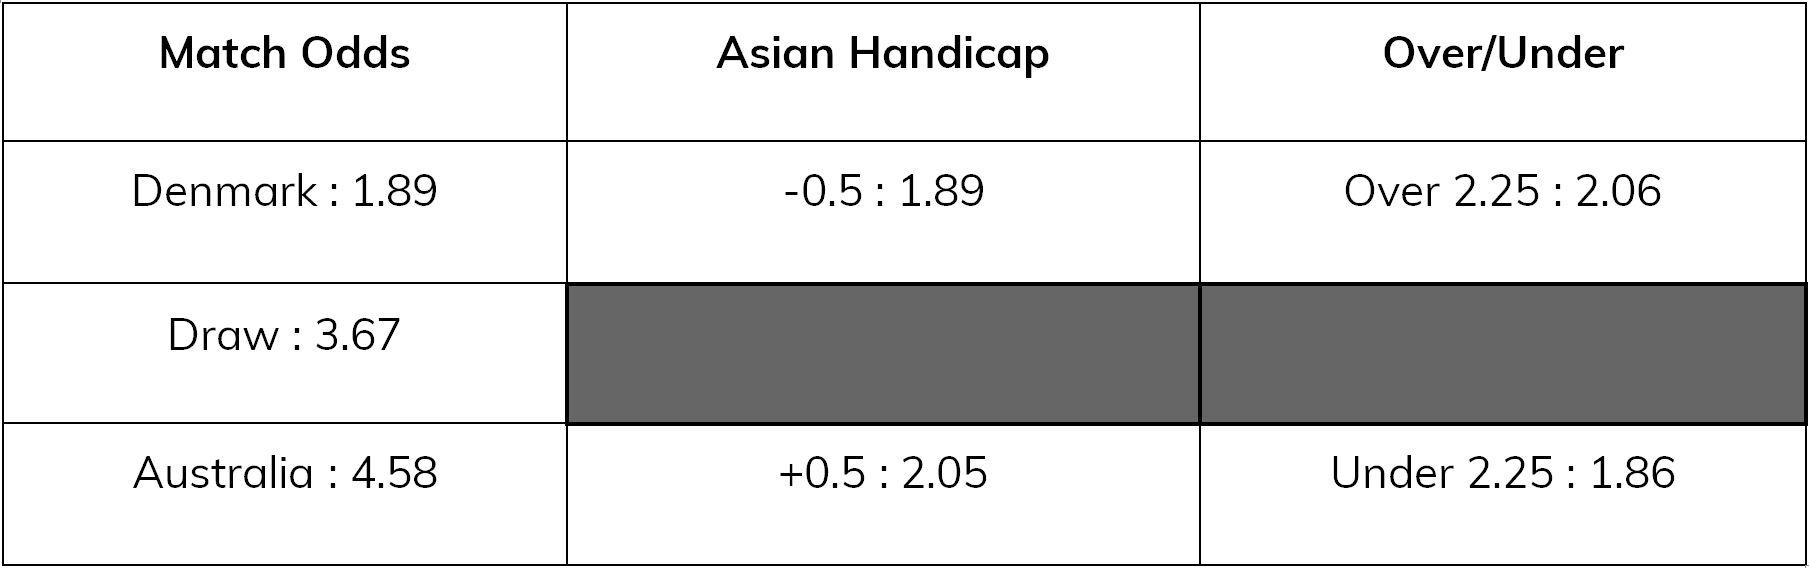 denmark-v-australia-asian-handicap, eastbridge1